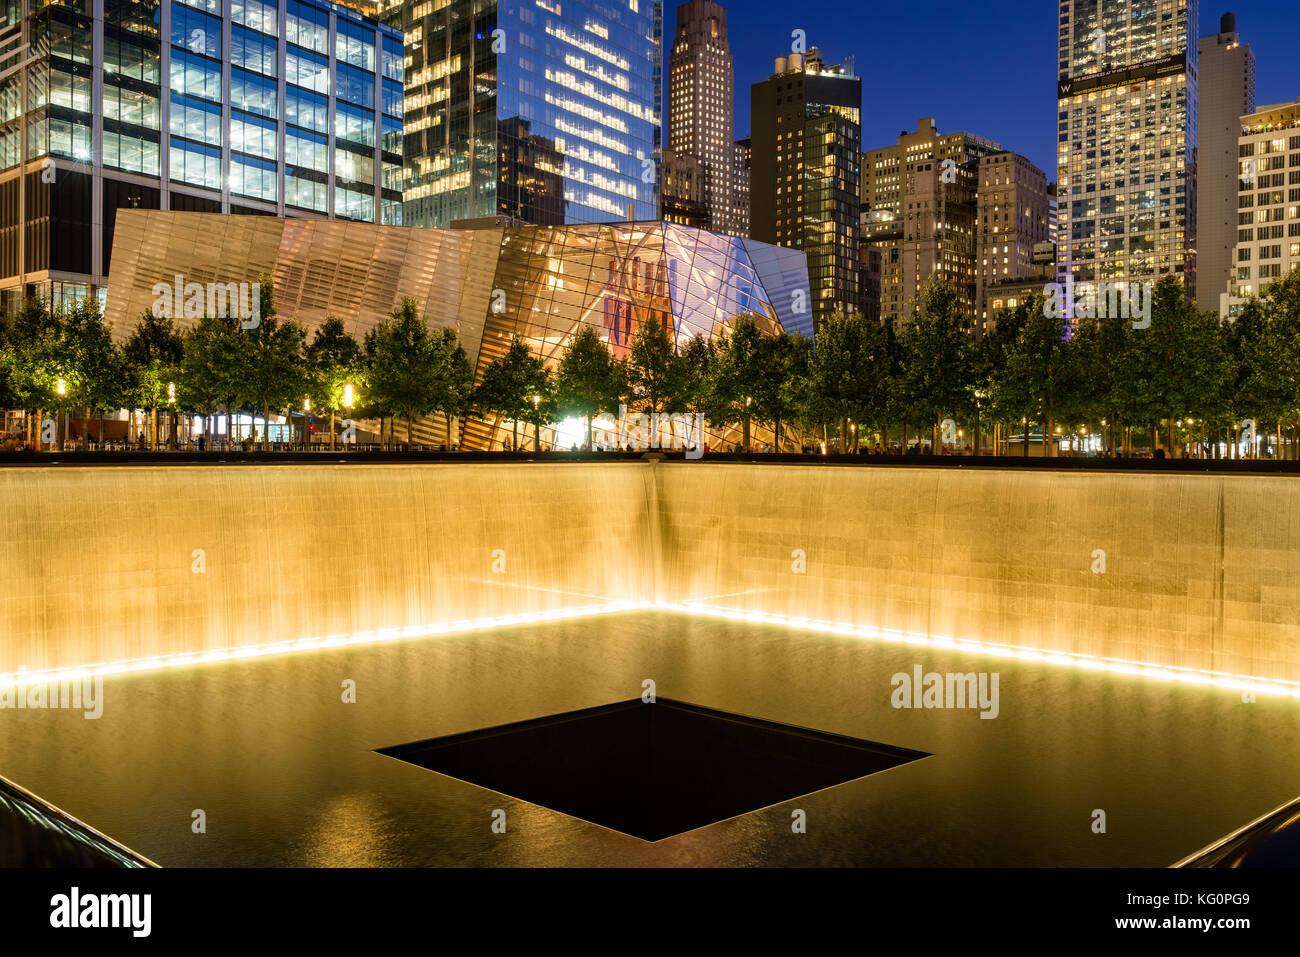 L'Amérique du miroir d'eau au crépuscule lumineux avec vue sur le 9/11 Memorial & Museum. Photo Stock